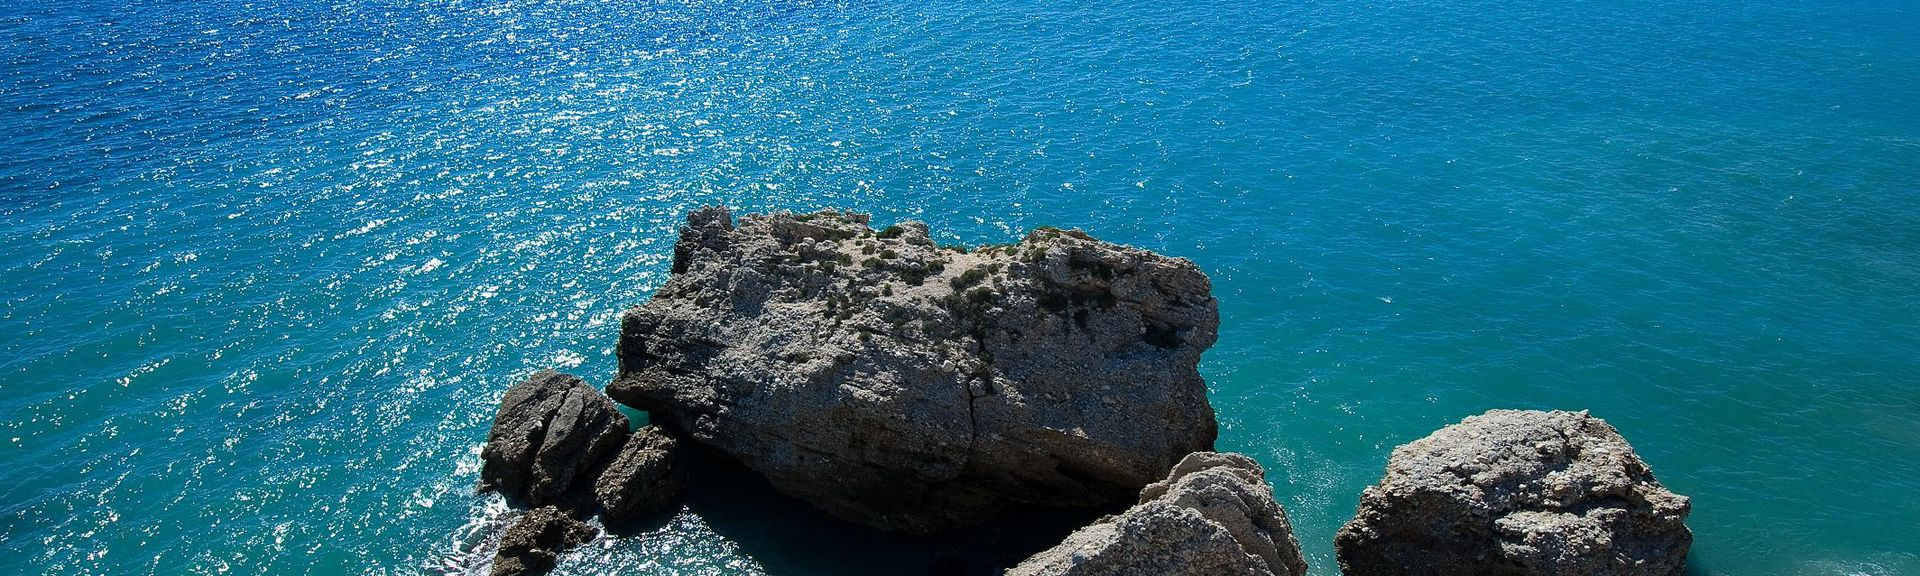 Playa del Cenicero, Nerja, Spain